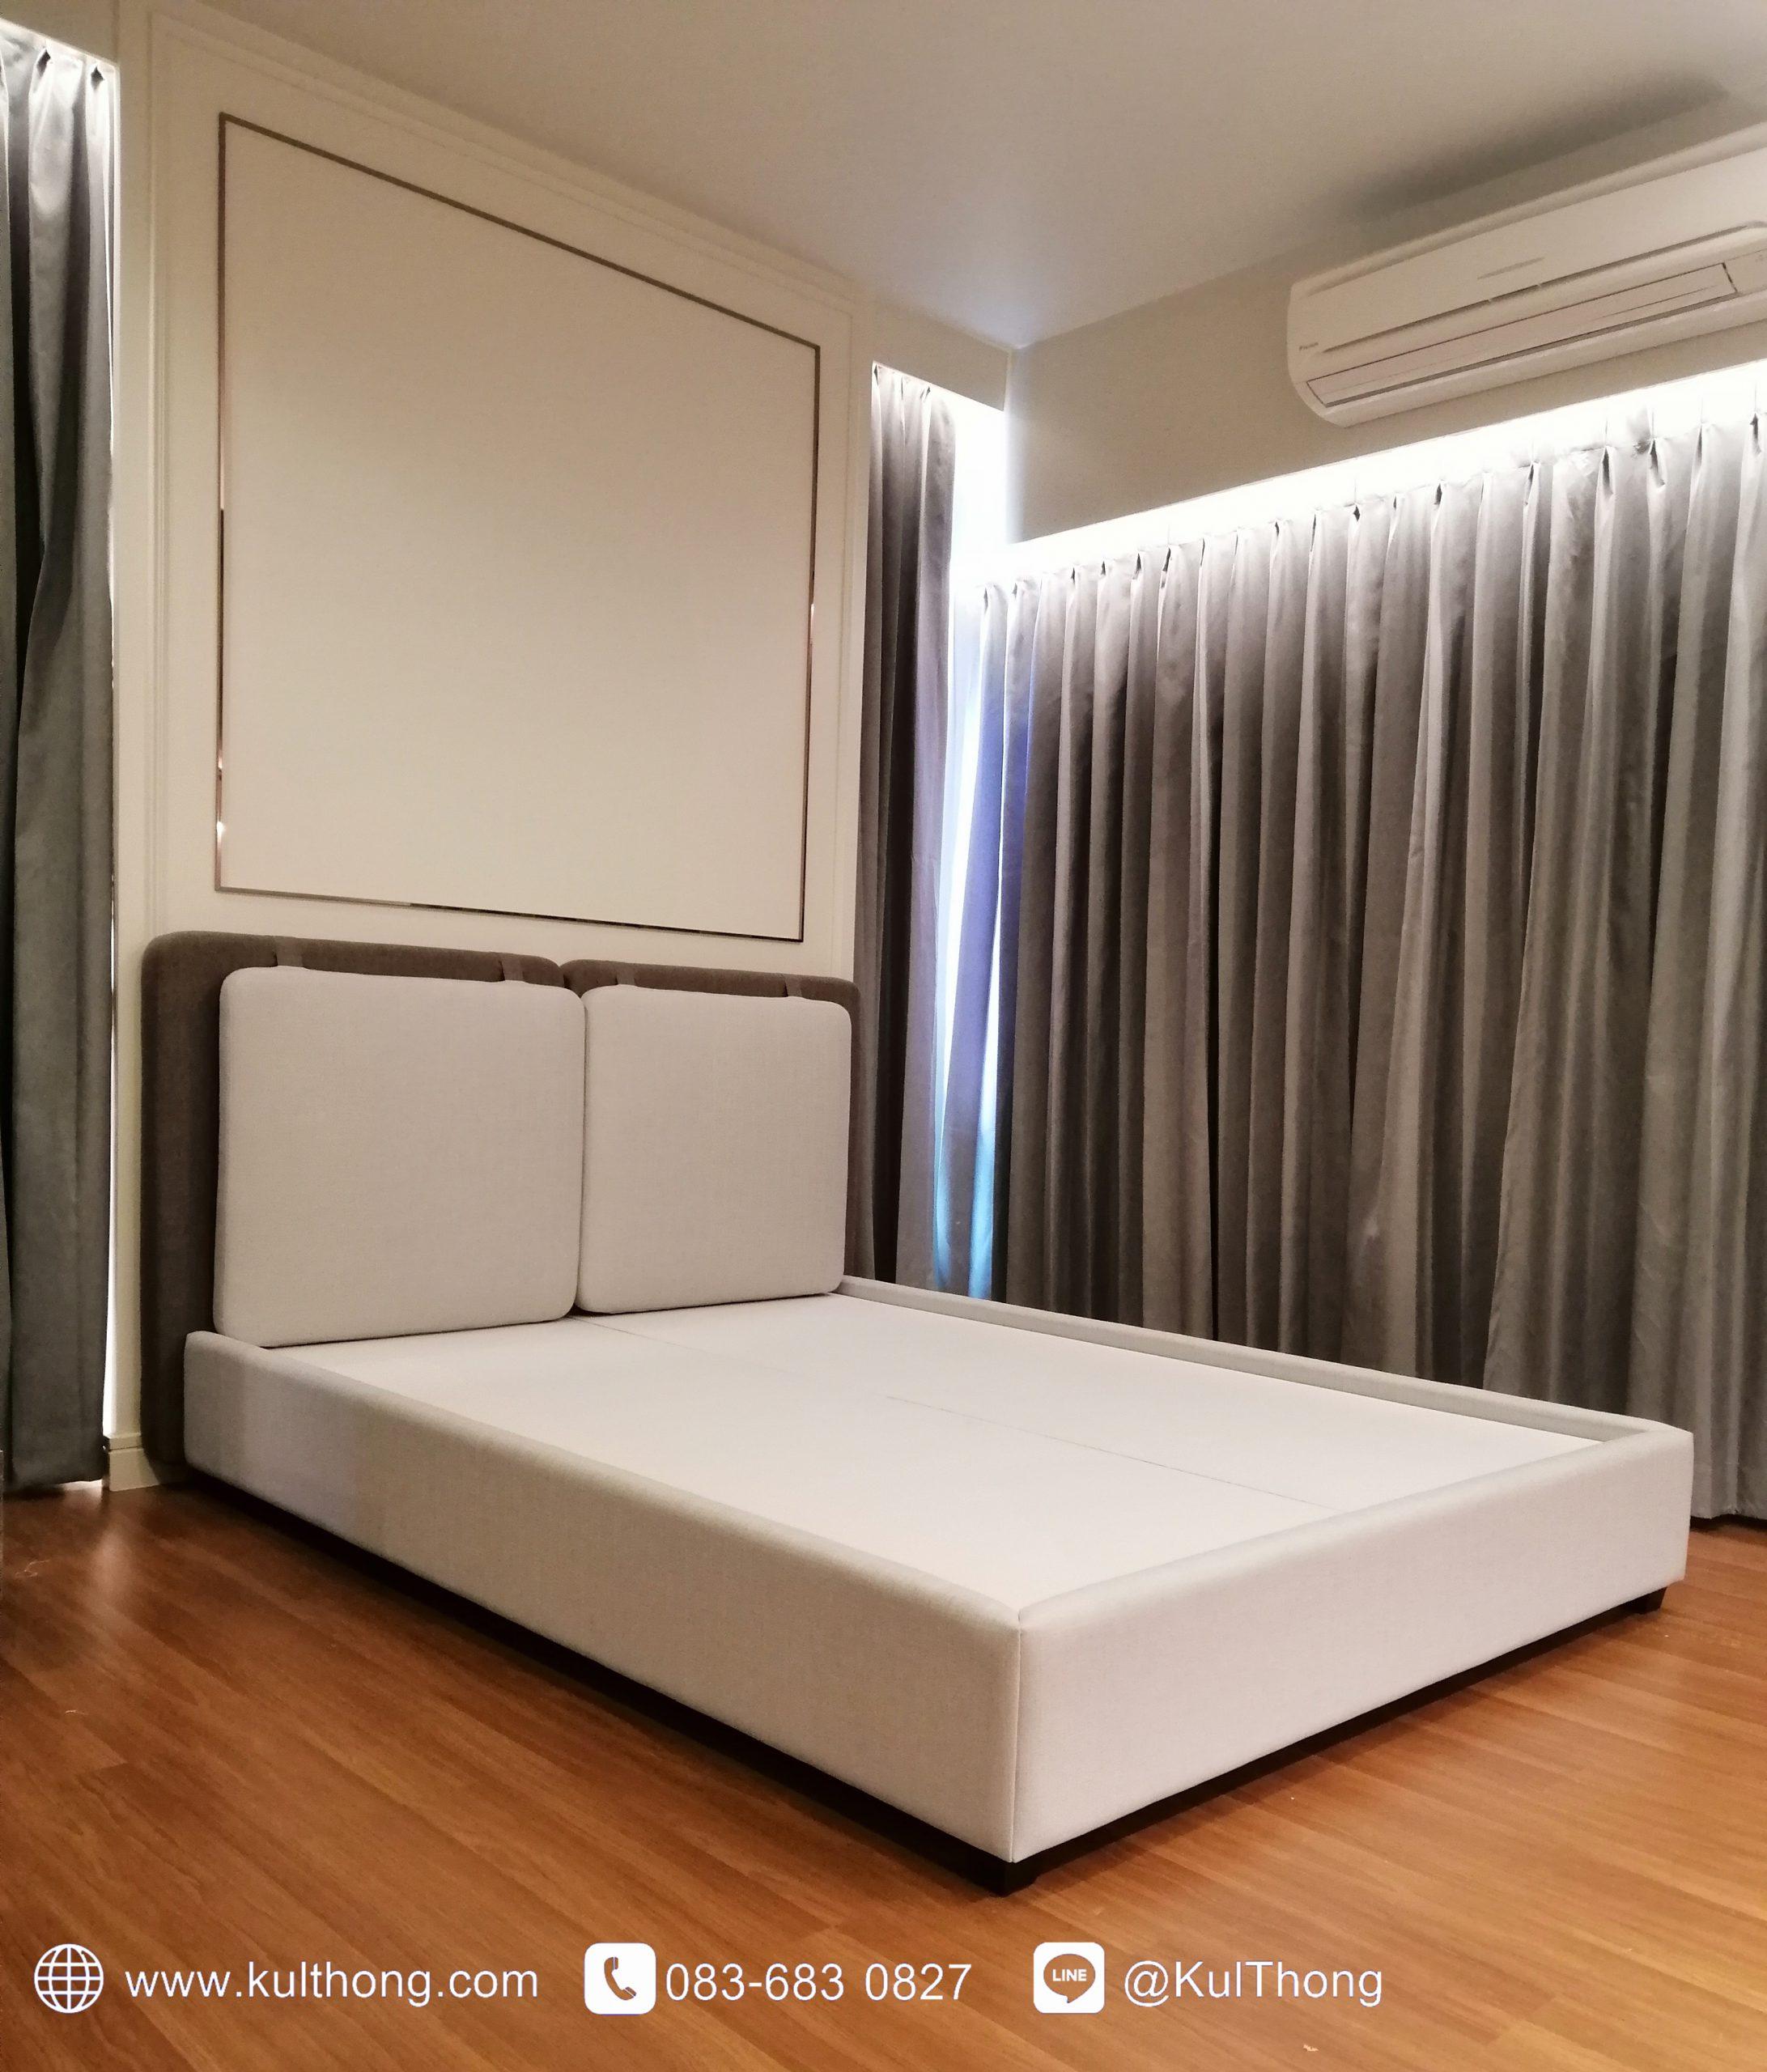 ฐานรองที่นอน เตียงดีไซน์ เตียงหุ้มผ้า